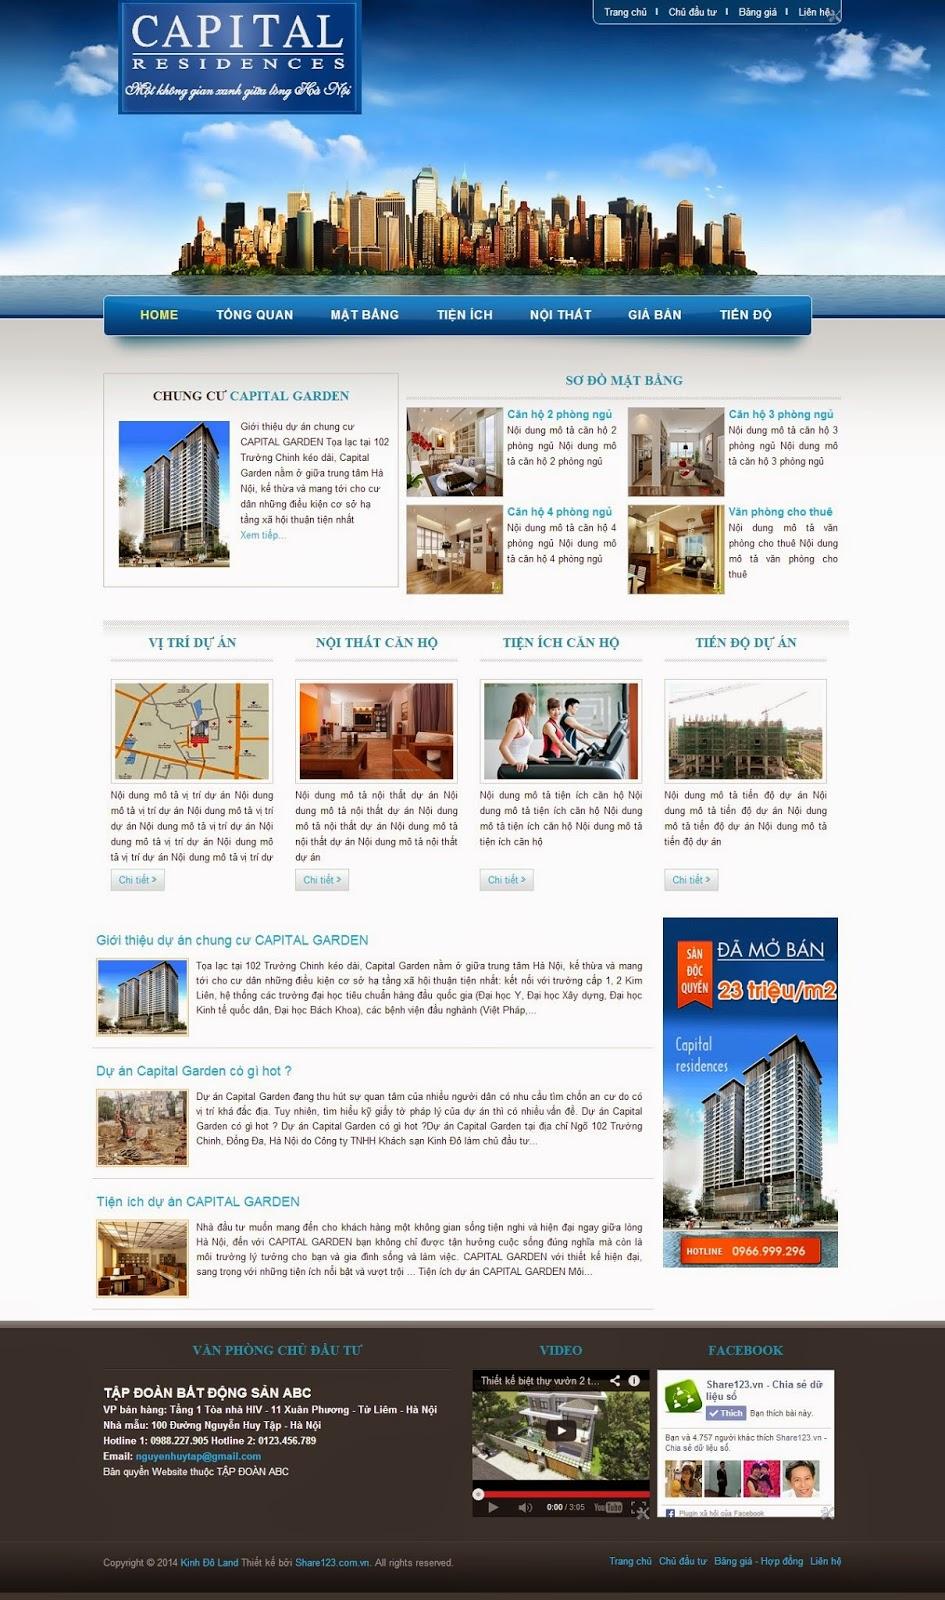 Kinhdoland - Mẫu template blogspot bất động sản đẹp